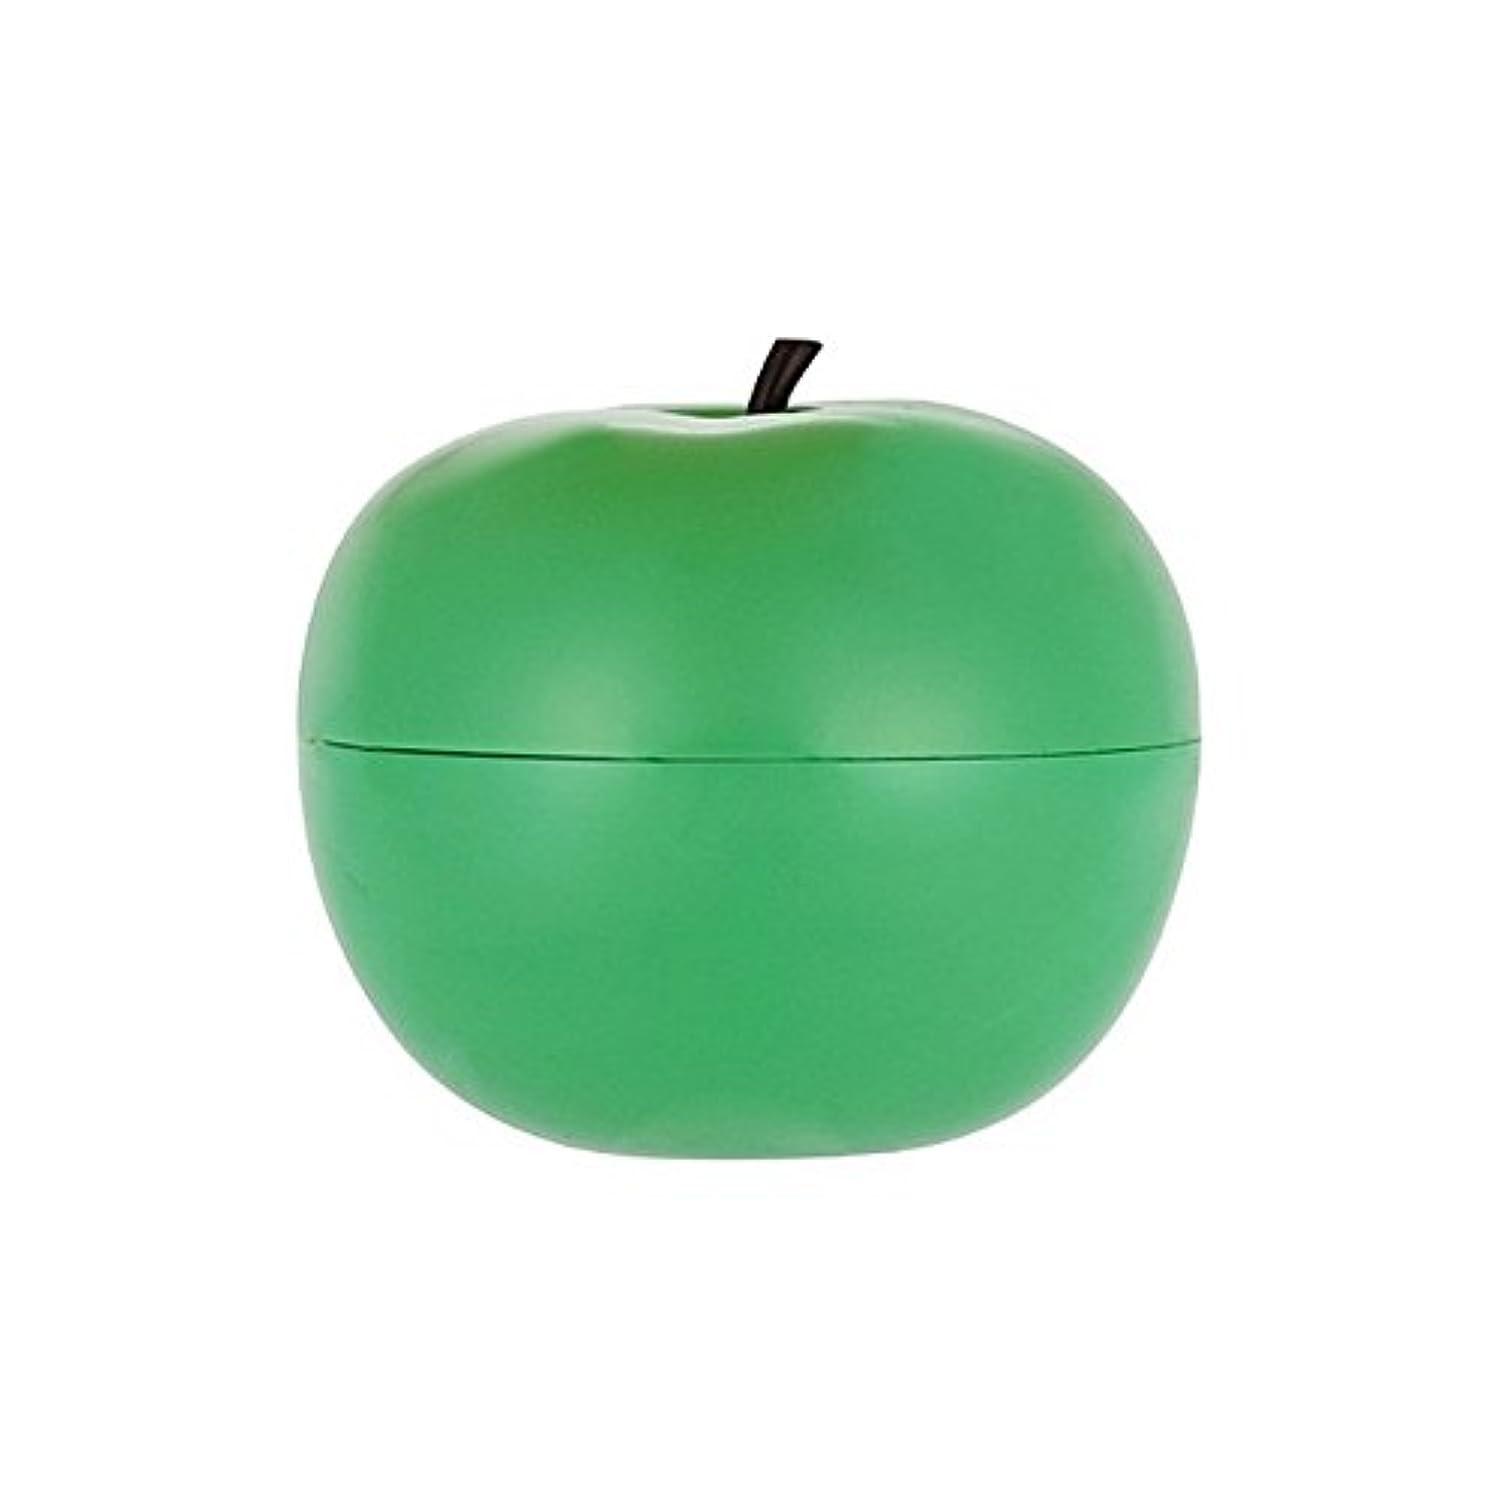 ぺディカブ連想レスリングトニーモリースムーズマッサージピーリングクリーム80グラム x2 - Tony Moly Appletox Smooth Massage Peeling Cream 80G (Pack of 2) [並行輸入品]